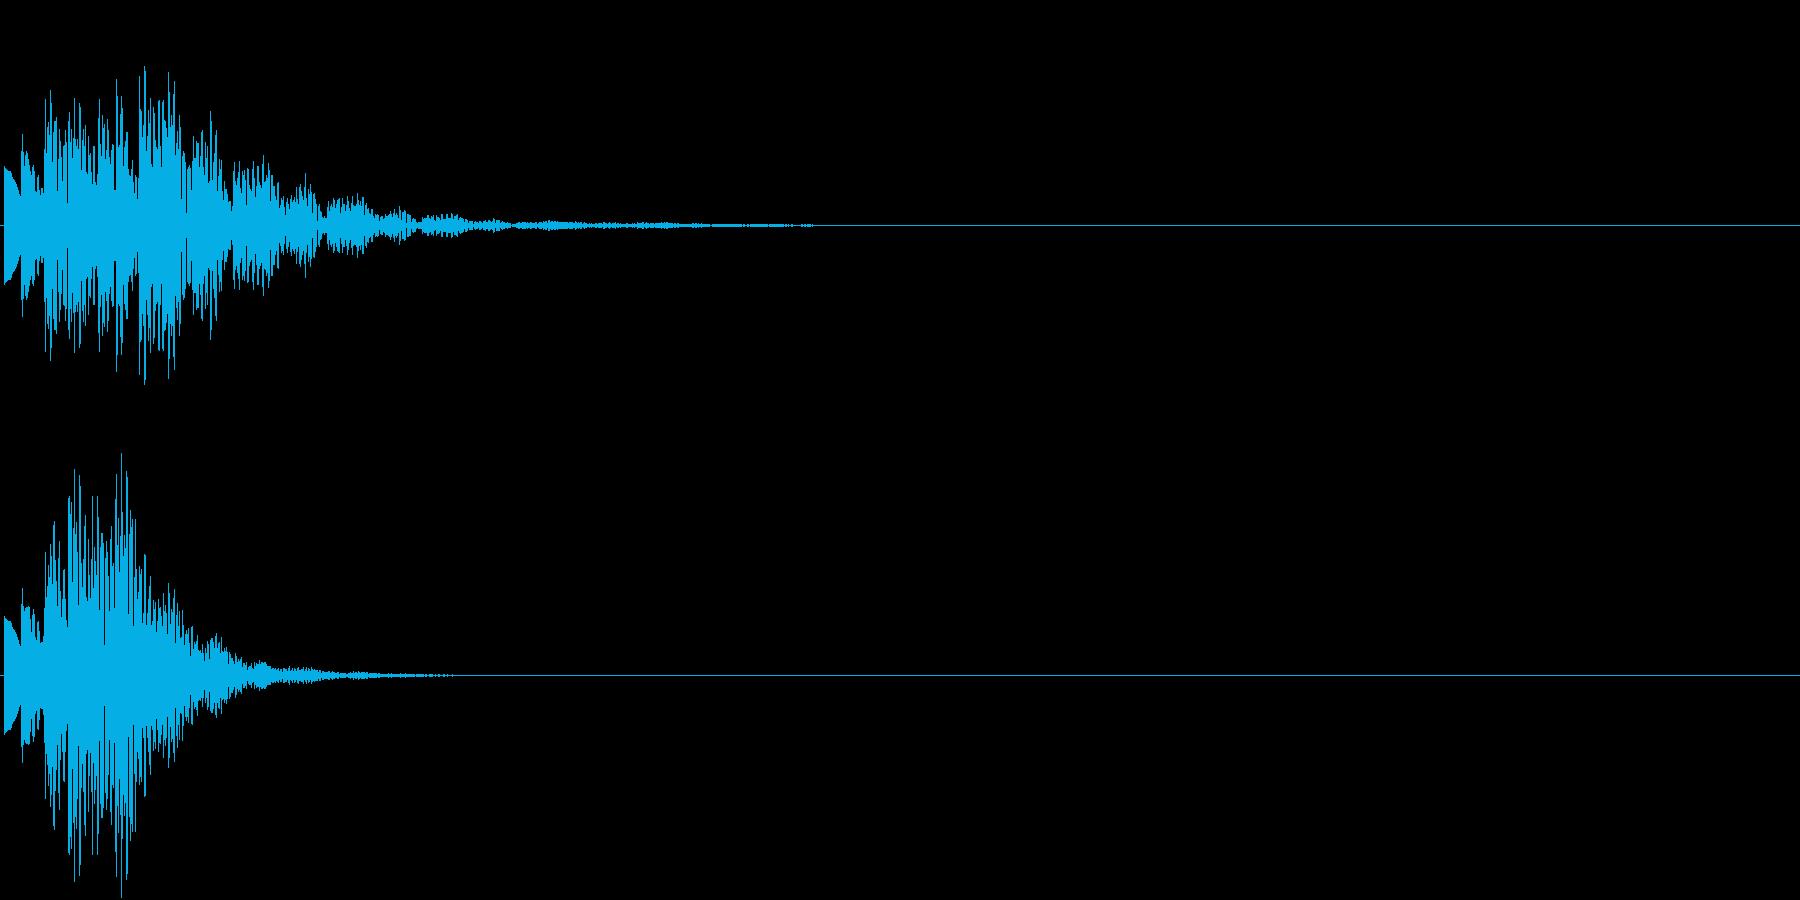 ひらめき 獲得 ゲット 入手 キラリン4の再生済みの波形